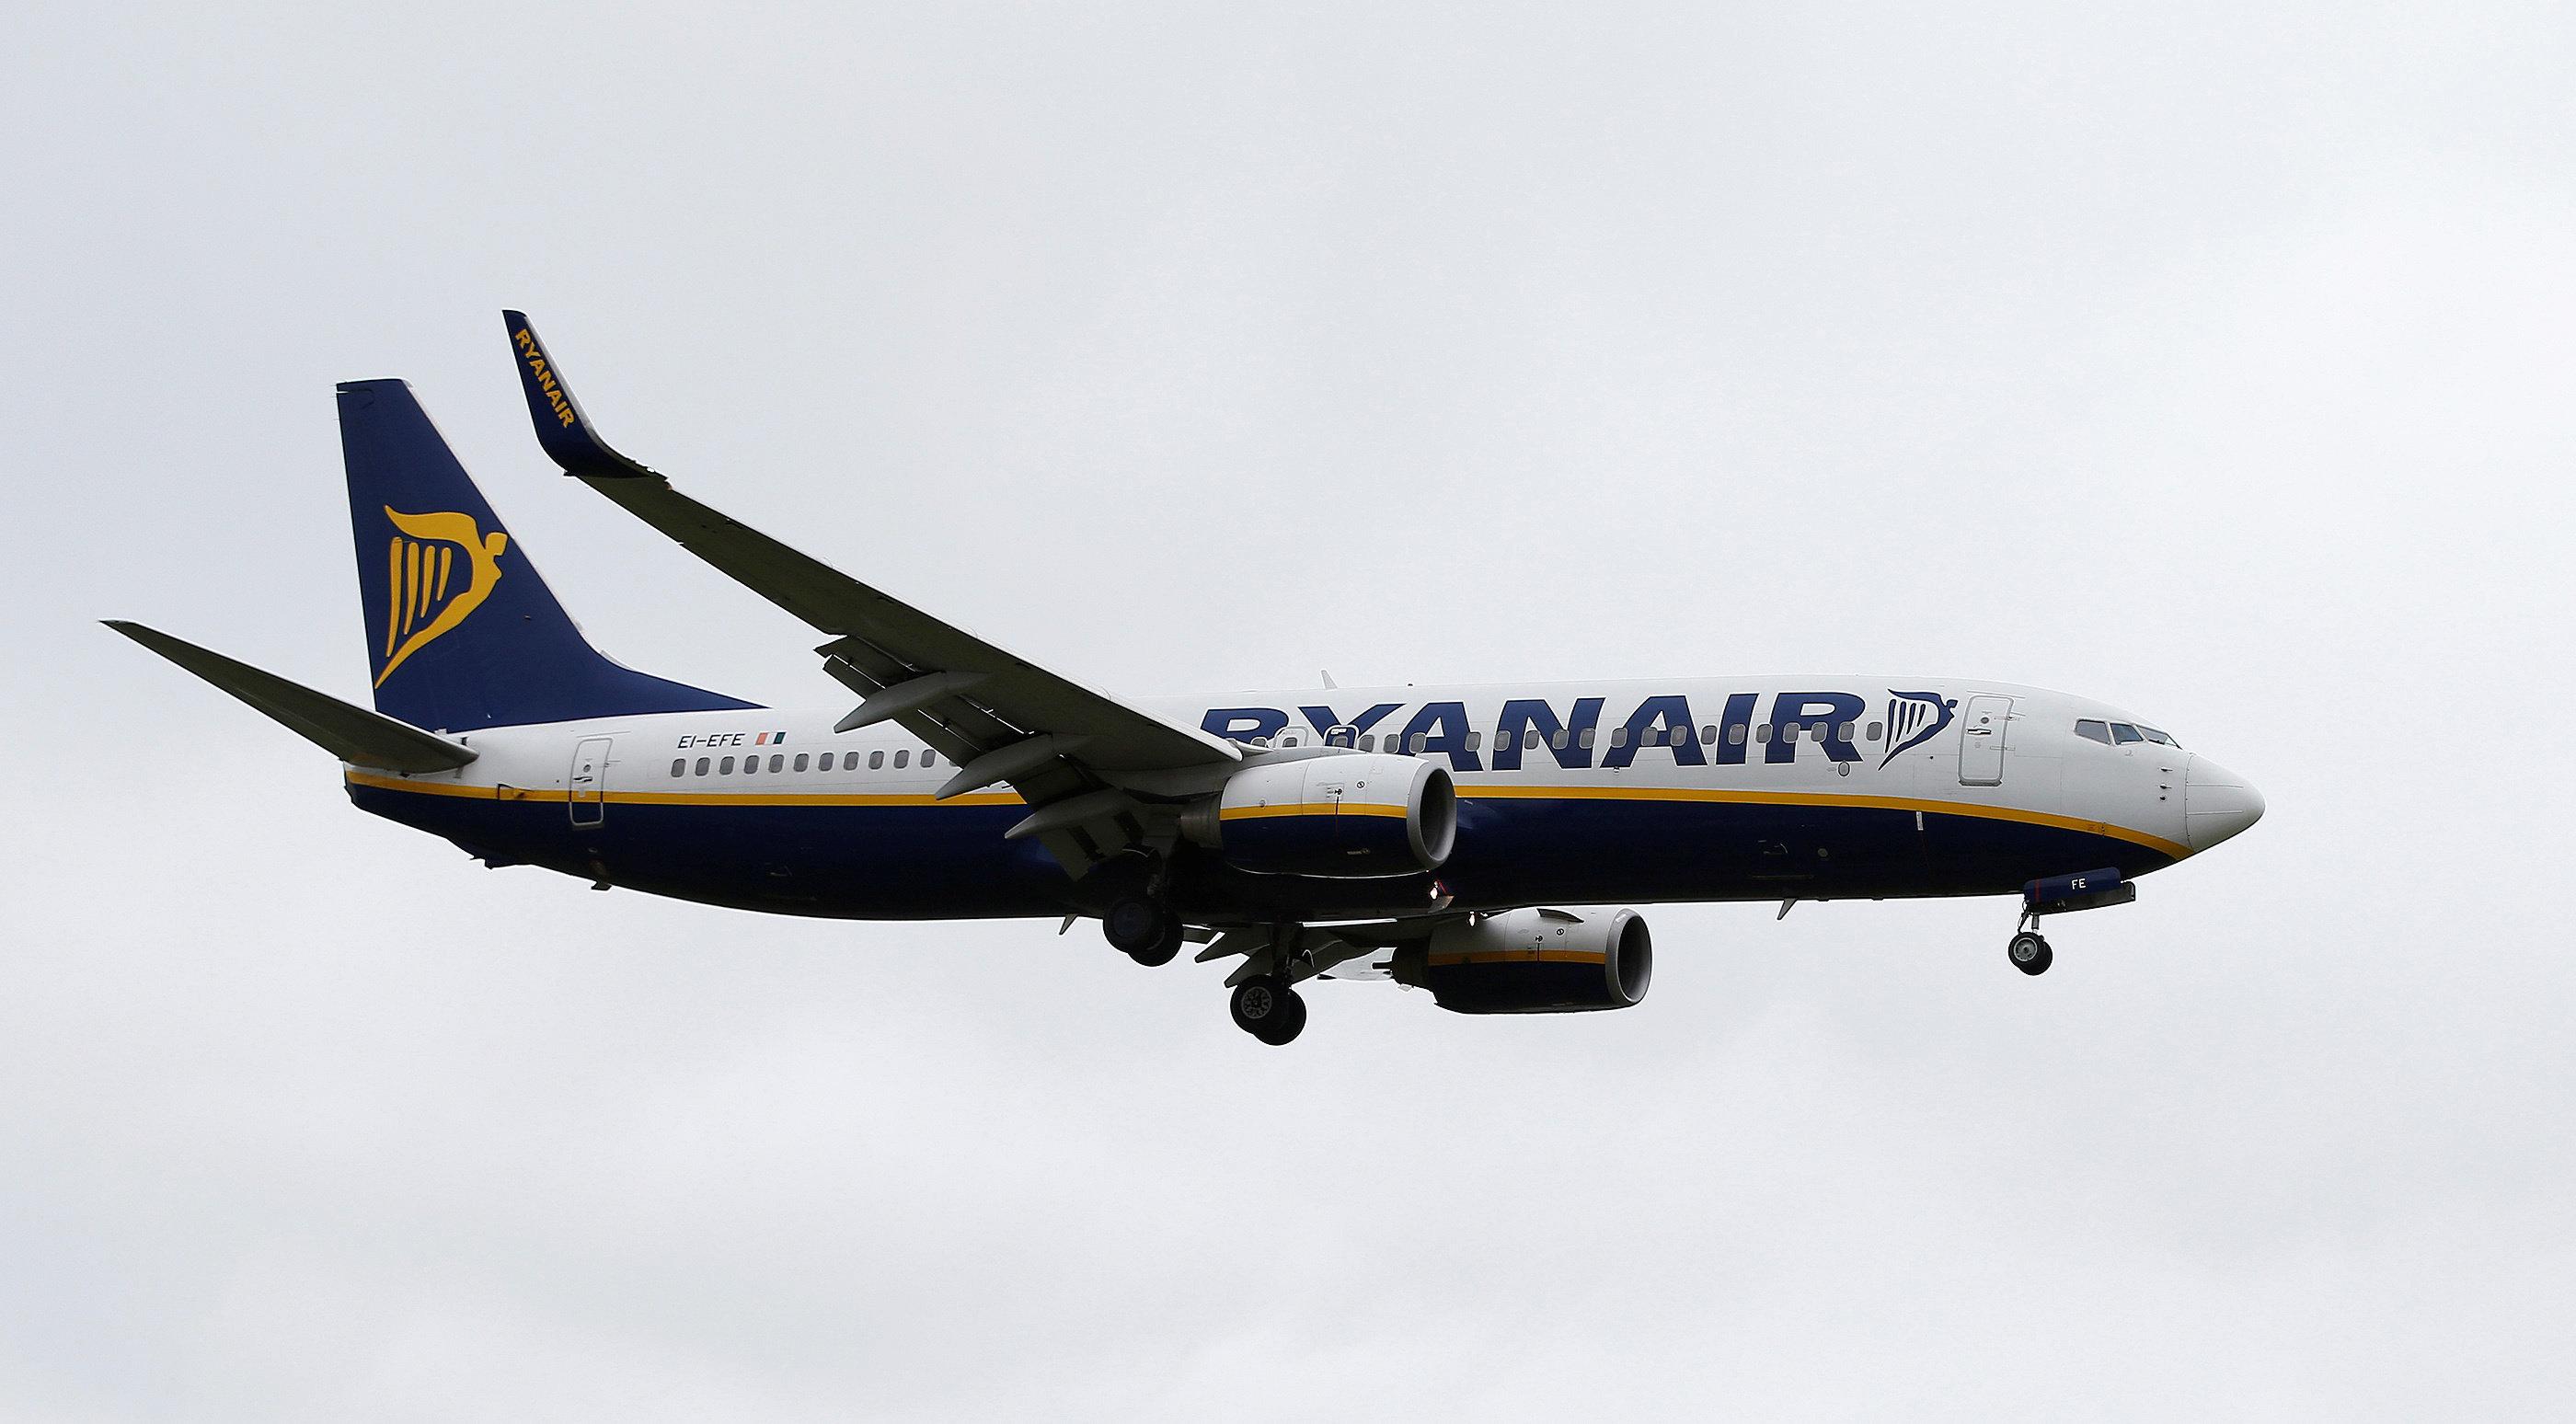 Sicherheitslandung: 33 Ryanair-Fluggäste müssen in Frankfurter